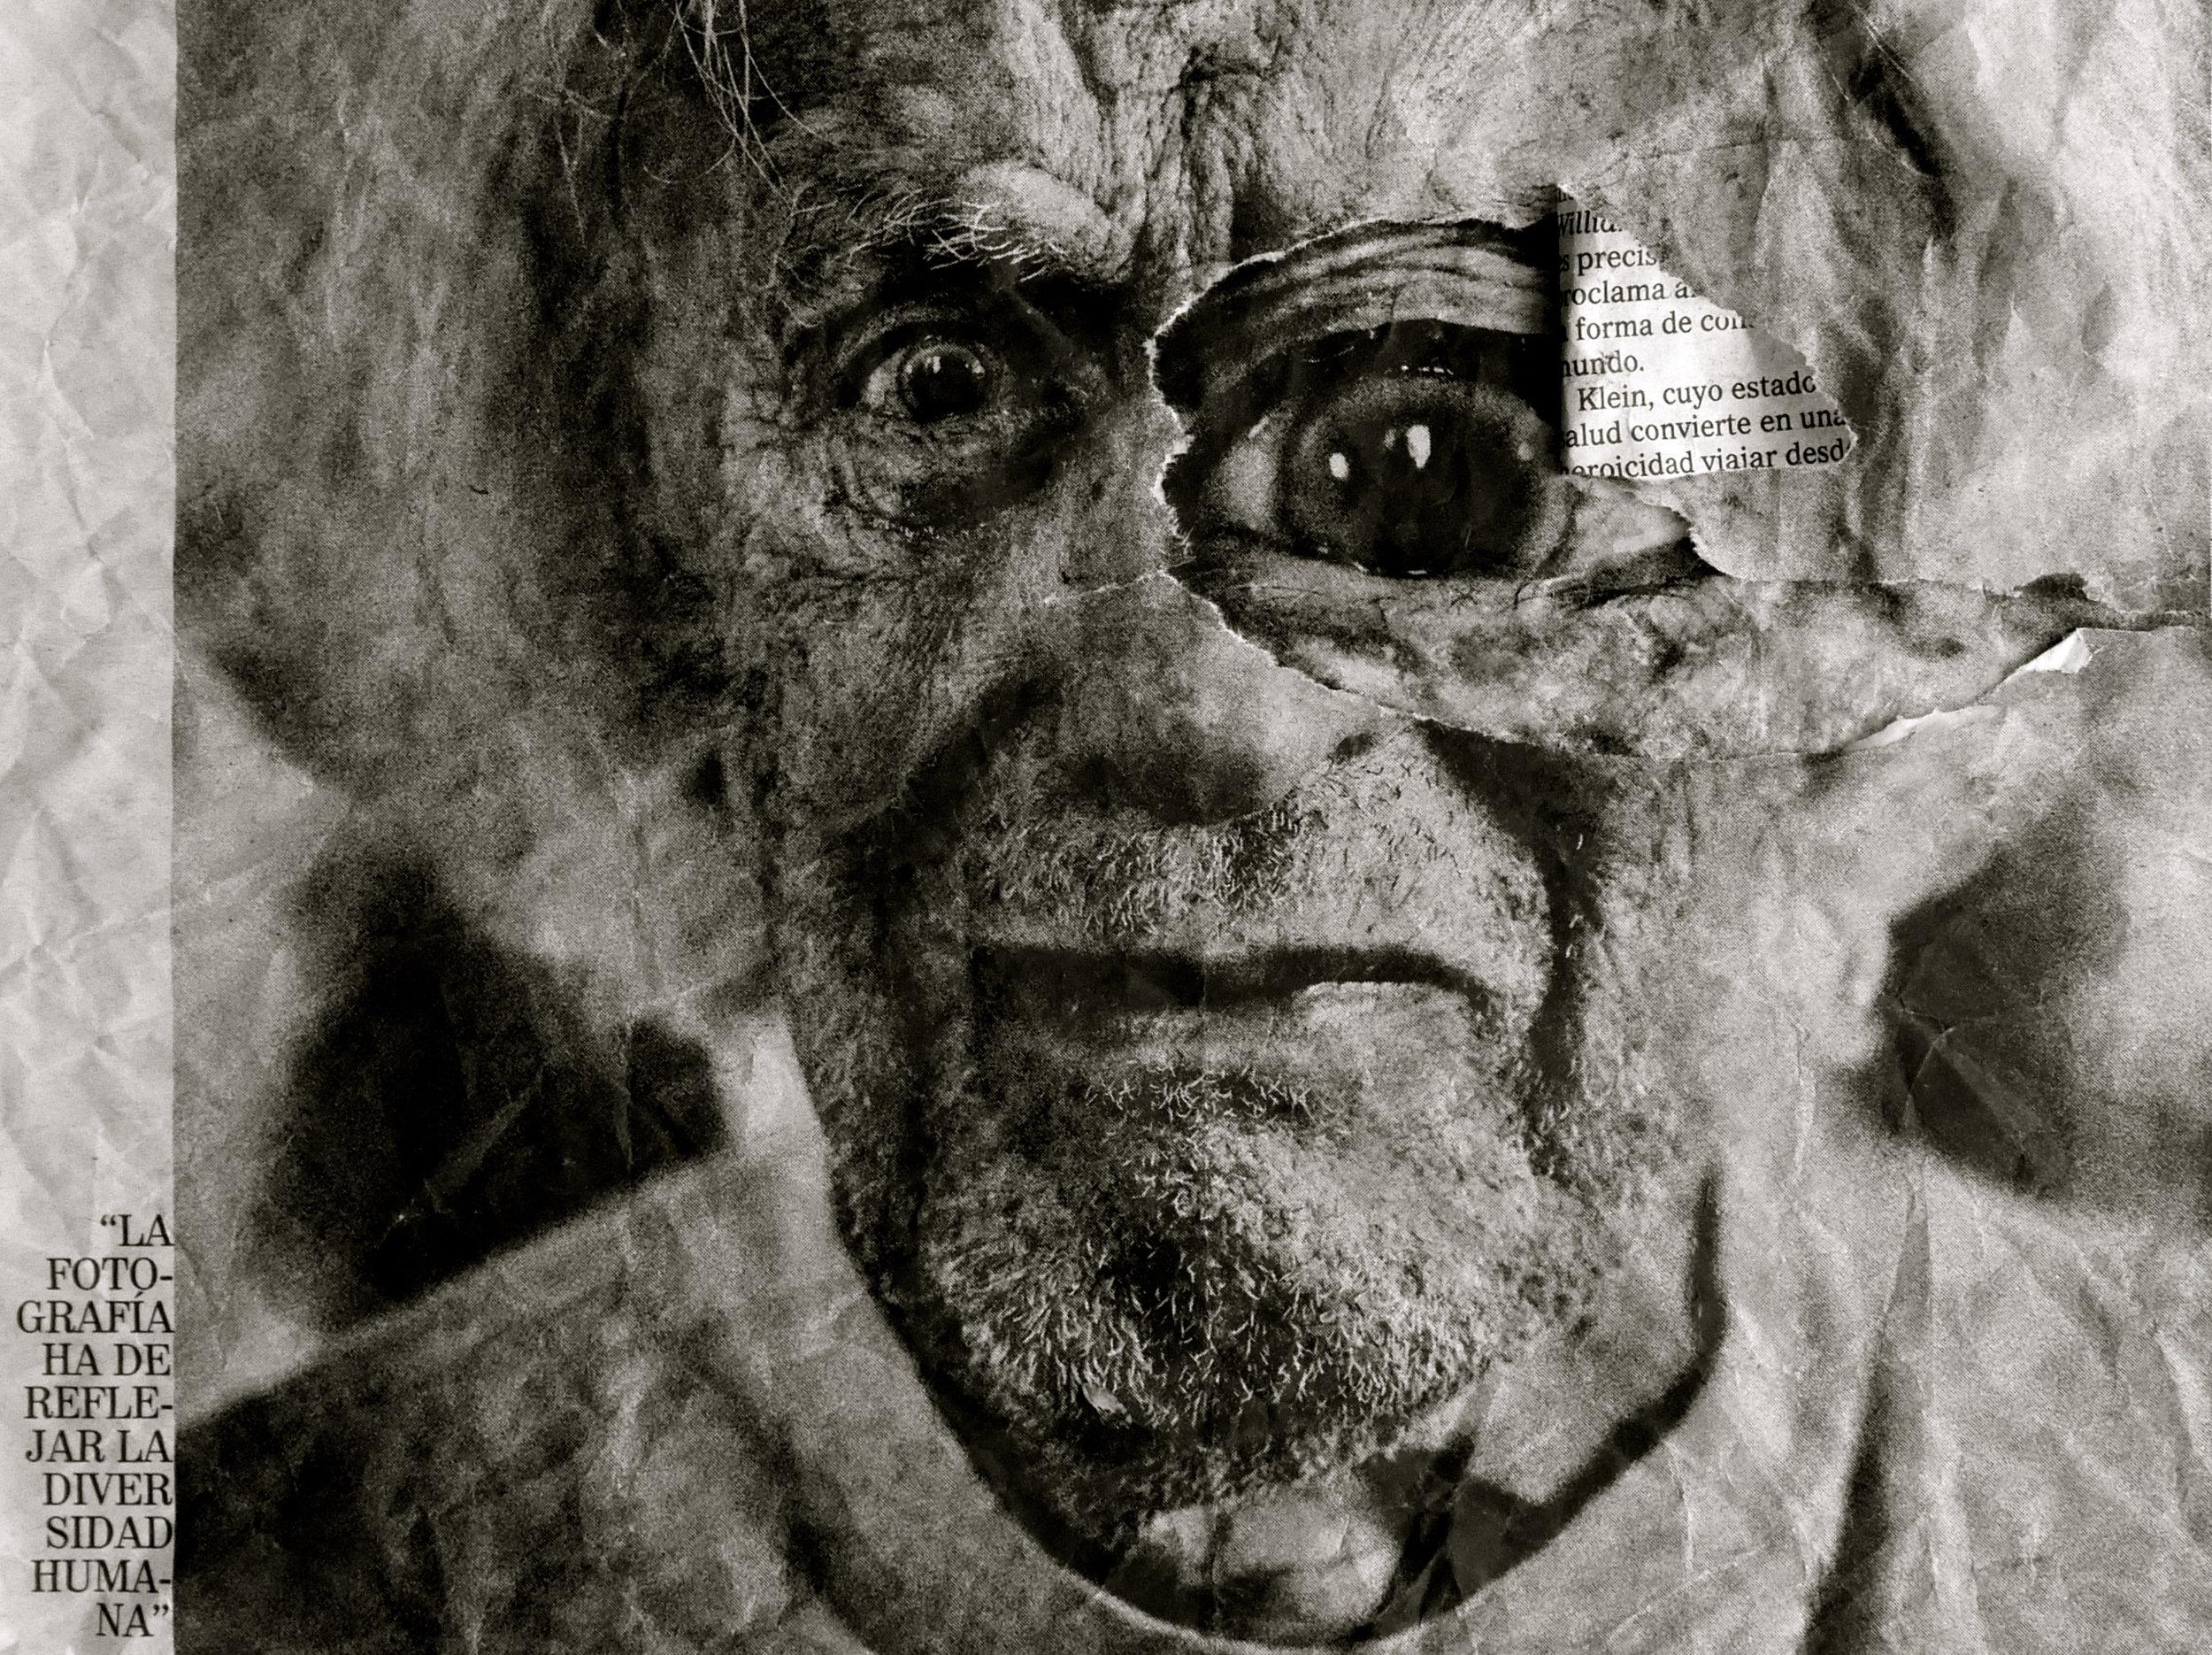 Carlos García Pozo retrato de William Klein - 5